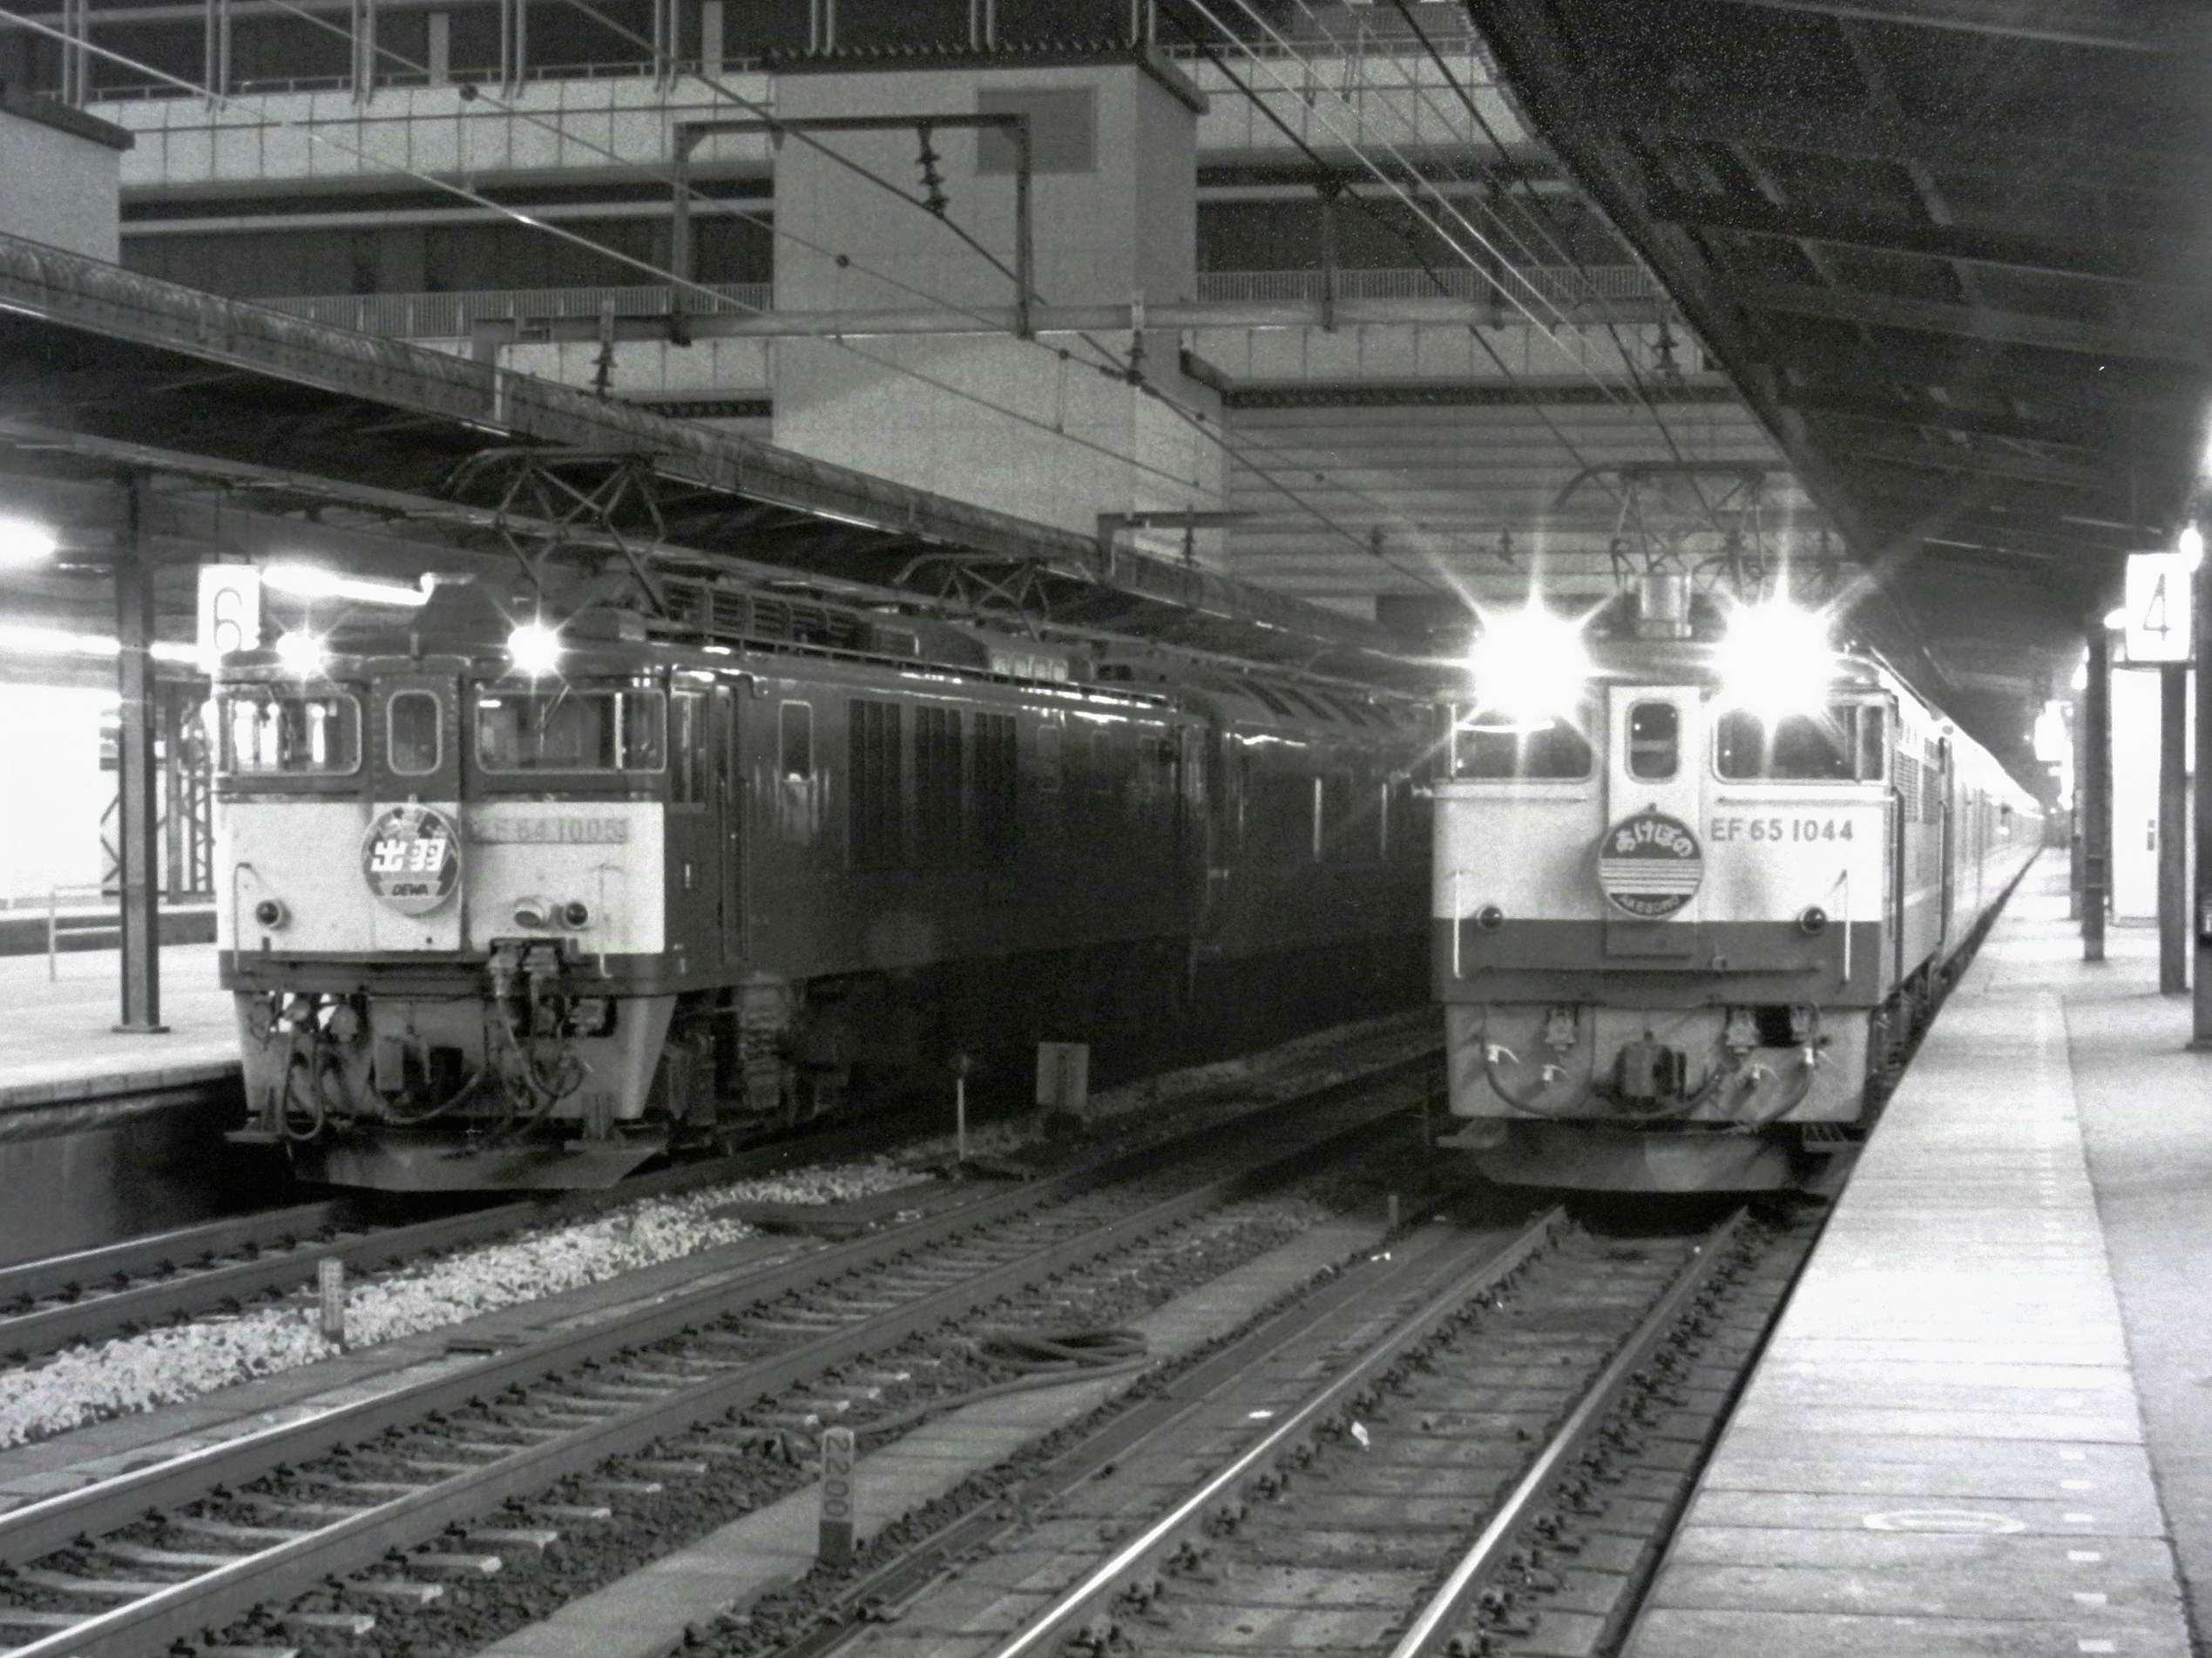 DSCN7620-1.jpg